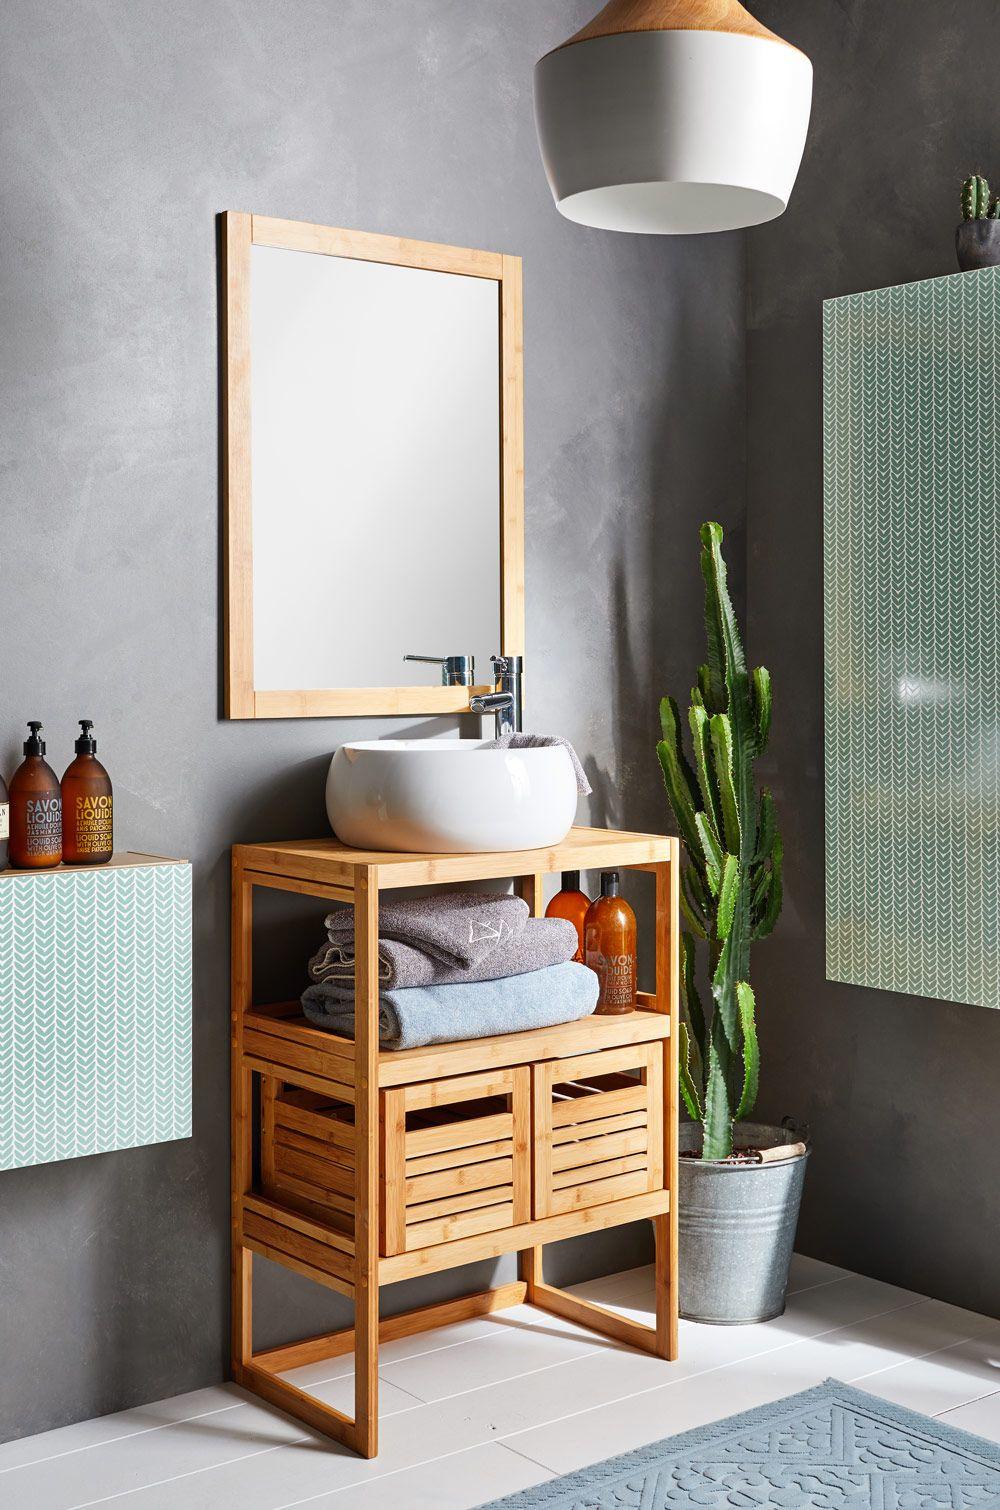 Salle De Bain Hipster ~ arte armoirette de salle de bains motifs d co salle de bains